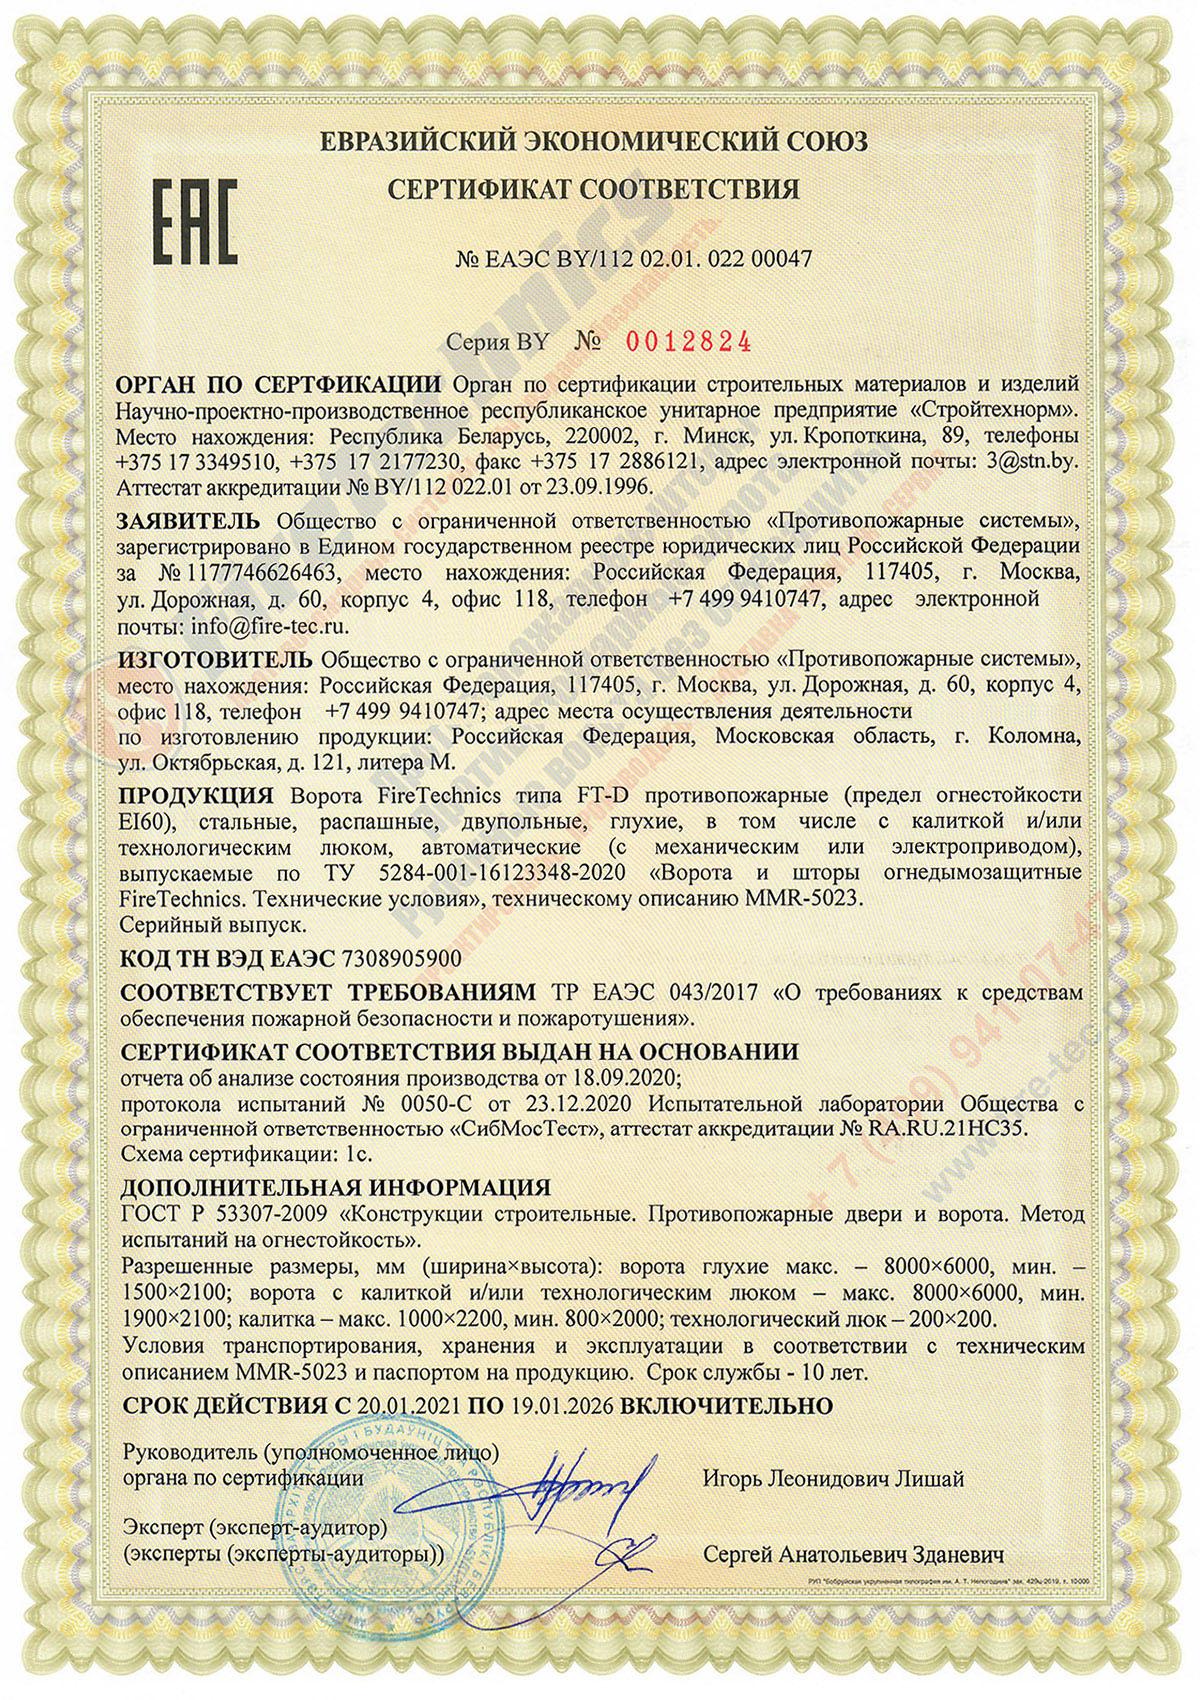 Сертификат соотвествия на Ворота FireTechnics типа FT-D противопожарные, EI60, распашные. №ЕАЭС BY/112 02.01.02200047